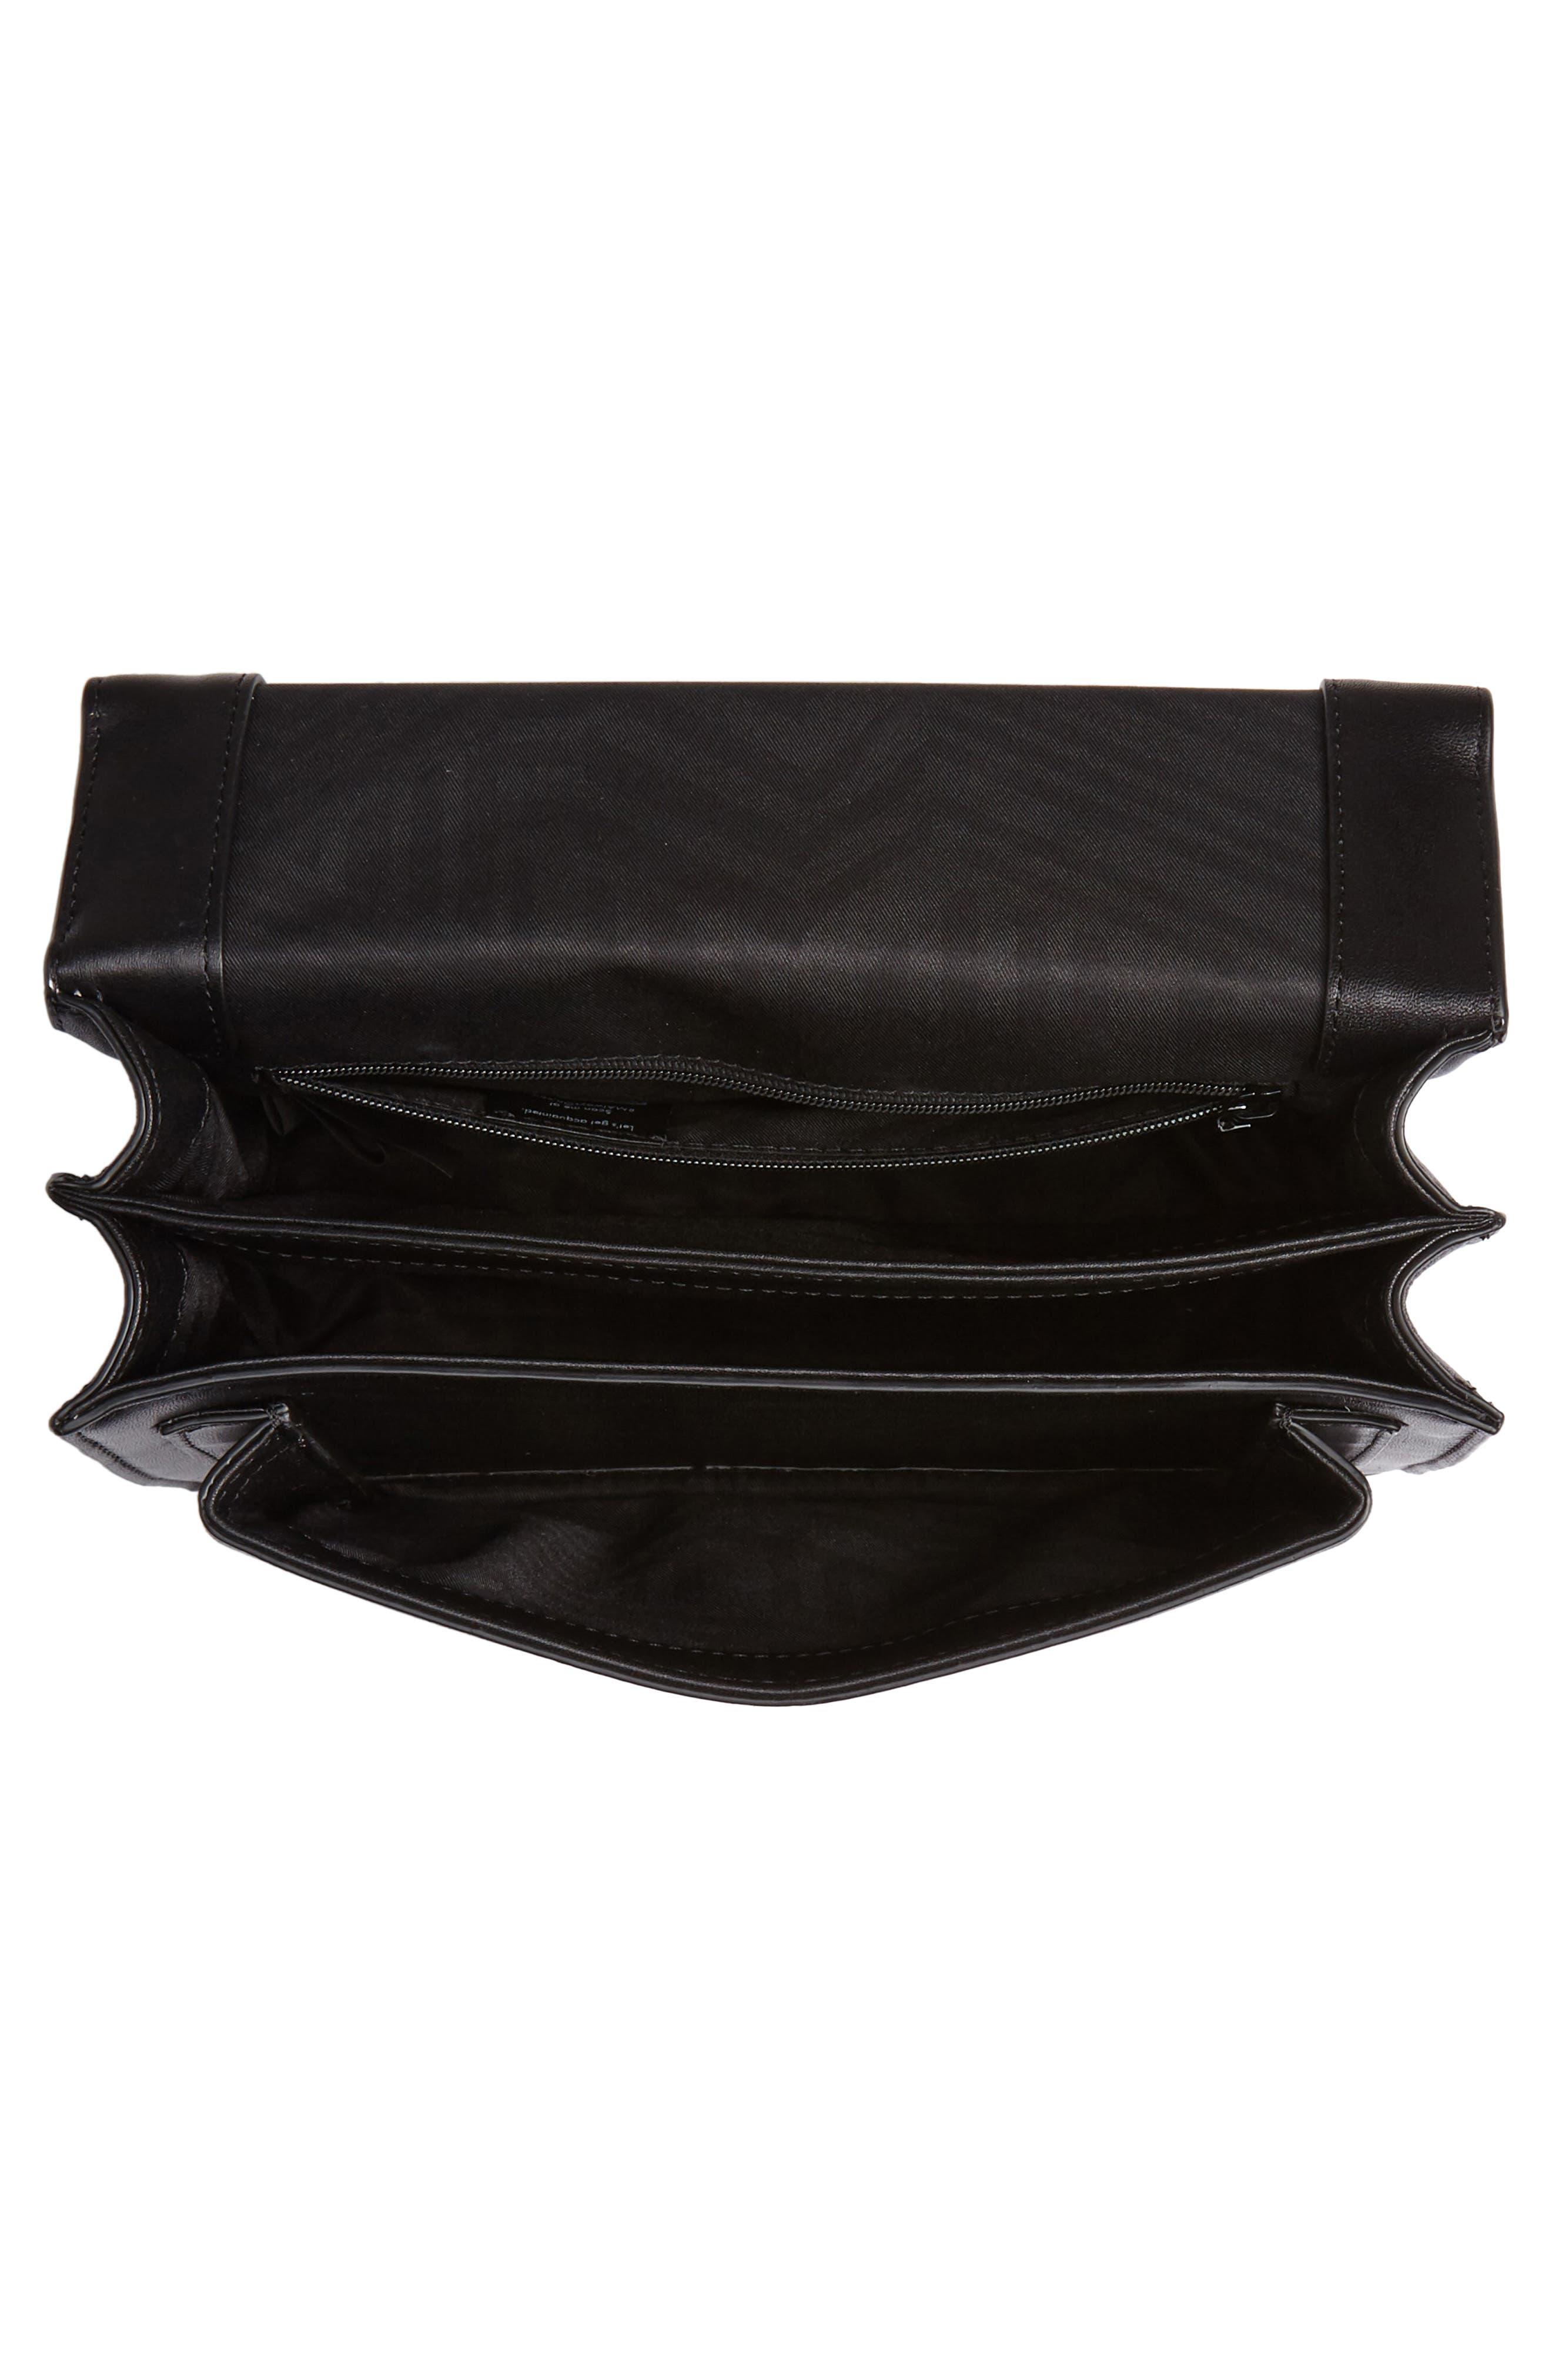 Medium Christy Leather Shoulder Bag,                             Alternate thumbnail 4, color,                             001